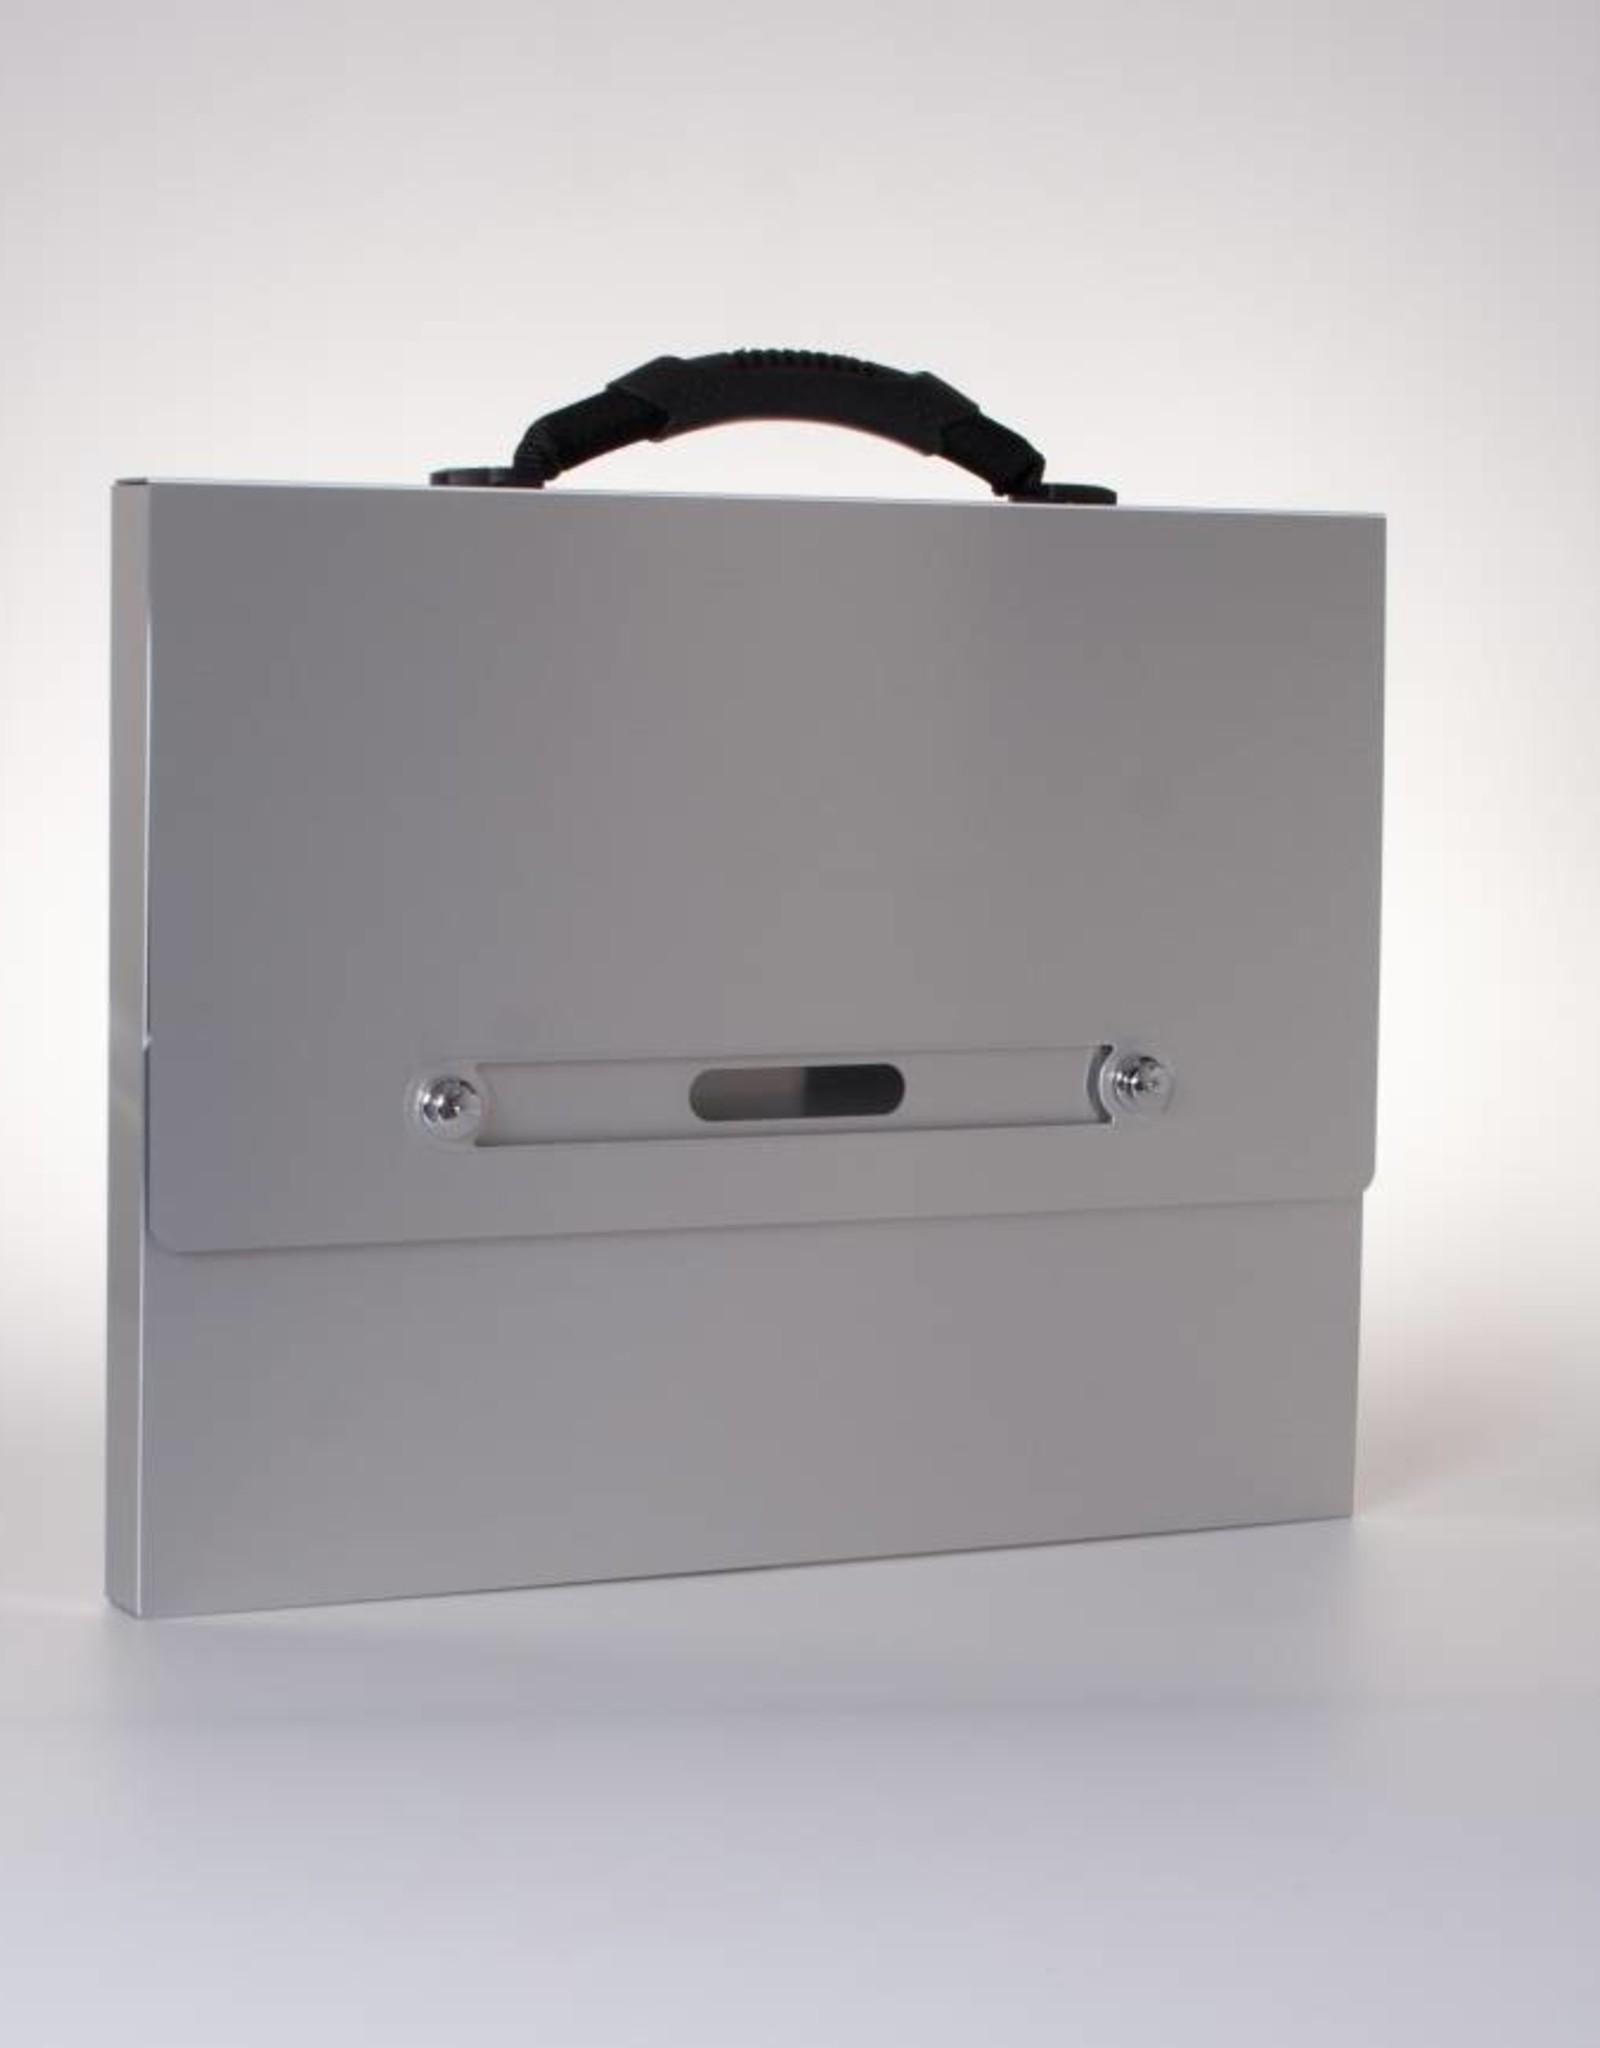 RibbleBox TKBOL35/45/3ALU